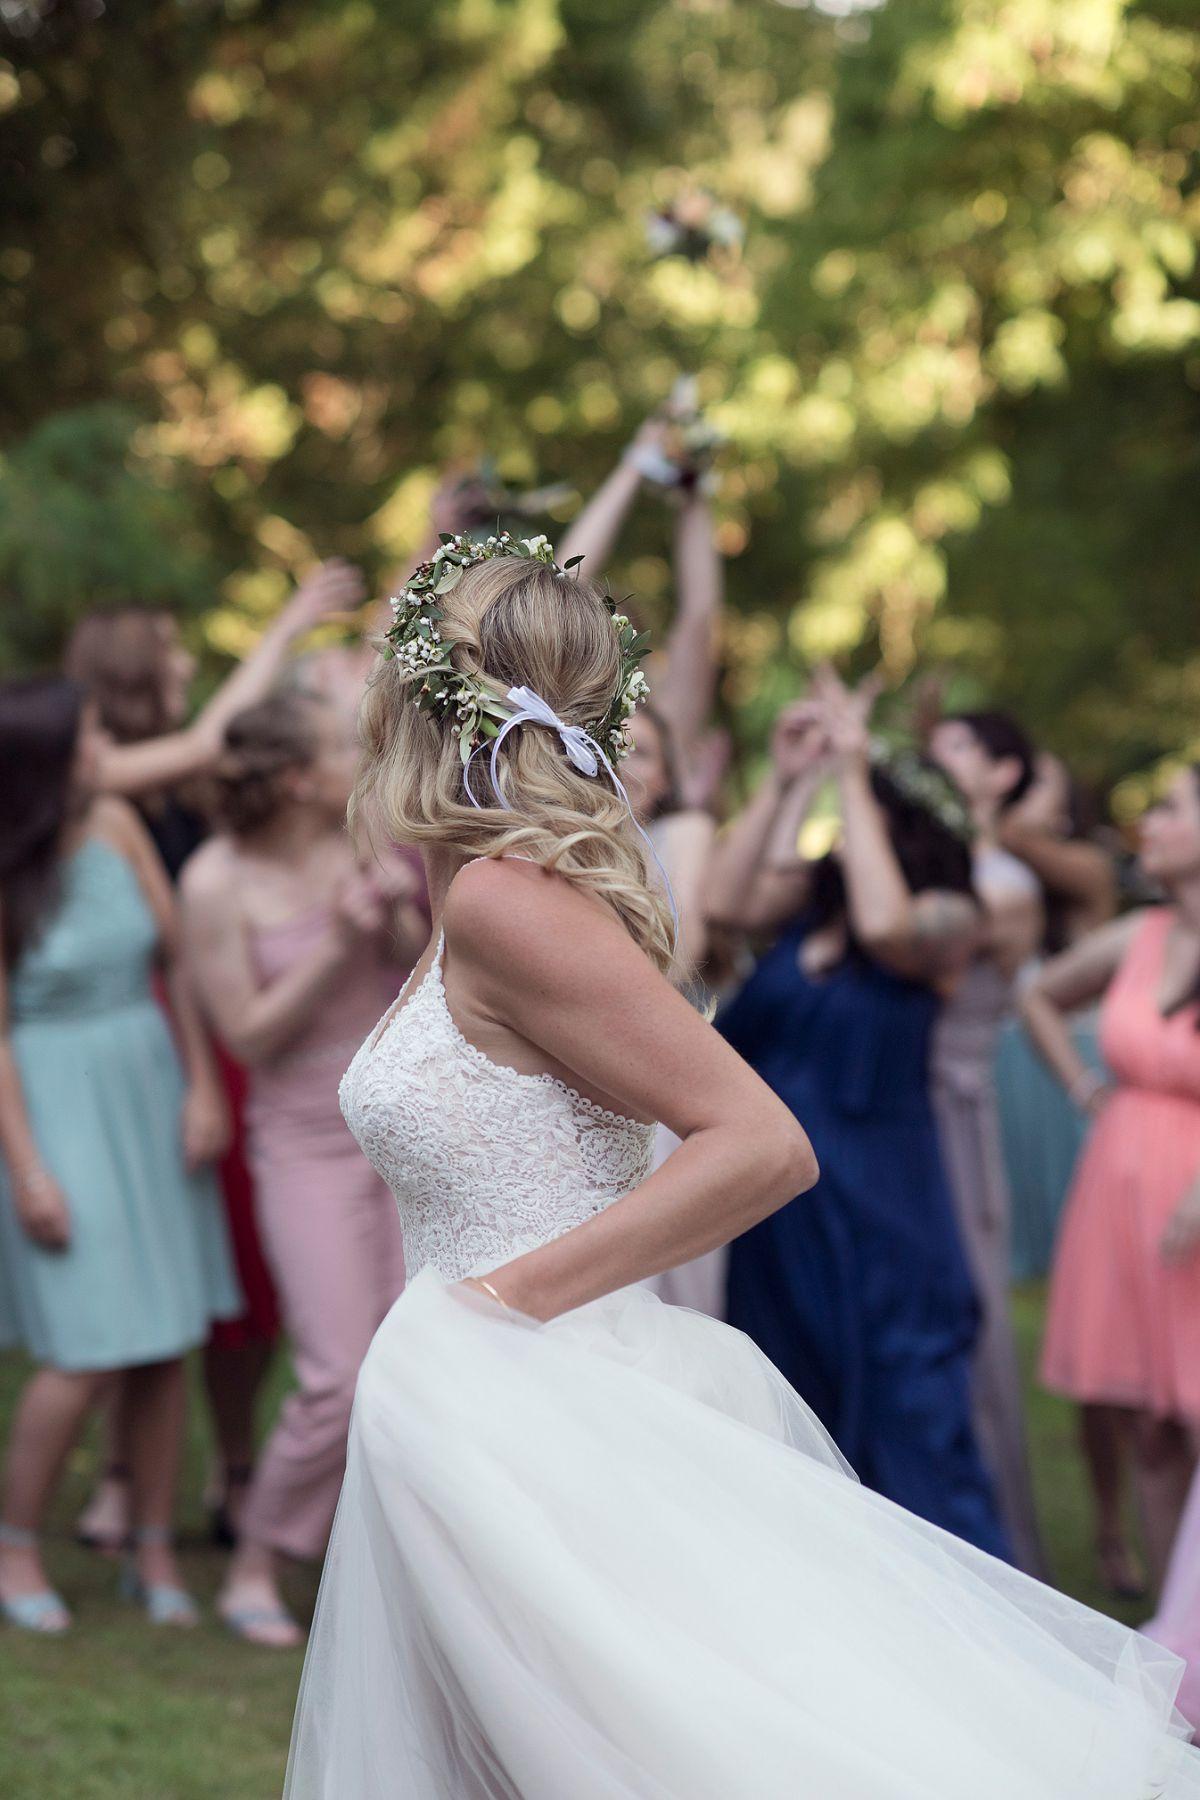 brautstrauß werfen braut blumen bad salzhausen parksaal heiraten in frankfurt freie trauung taunus hochzeitsfotografin hochzeitsreportage boho bride